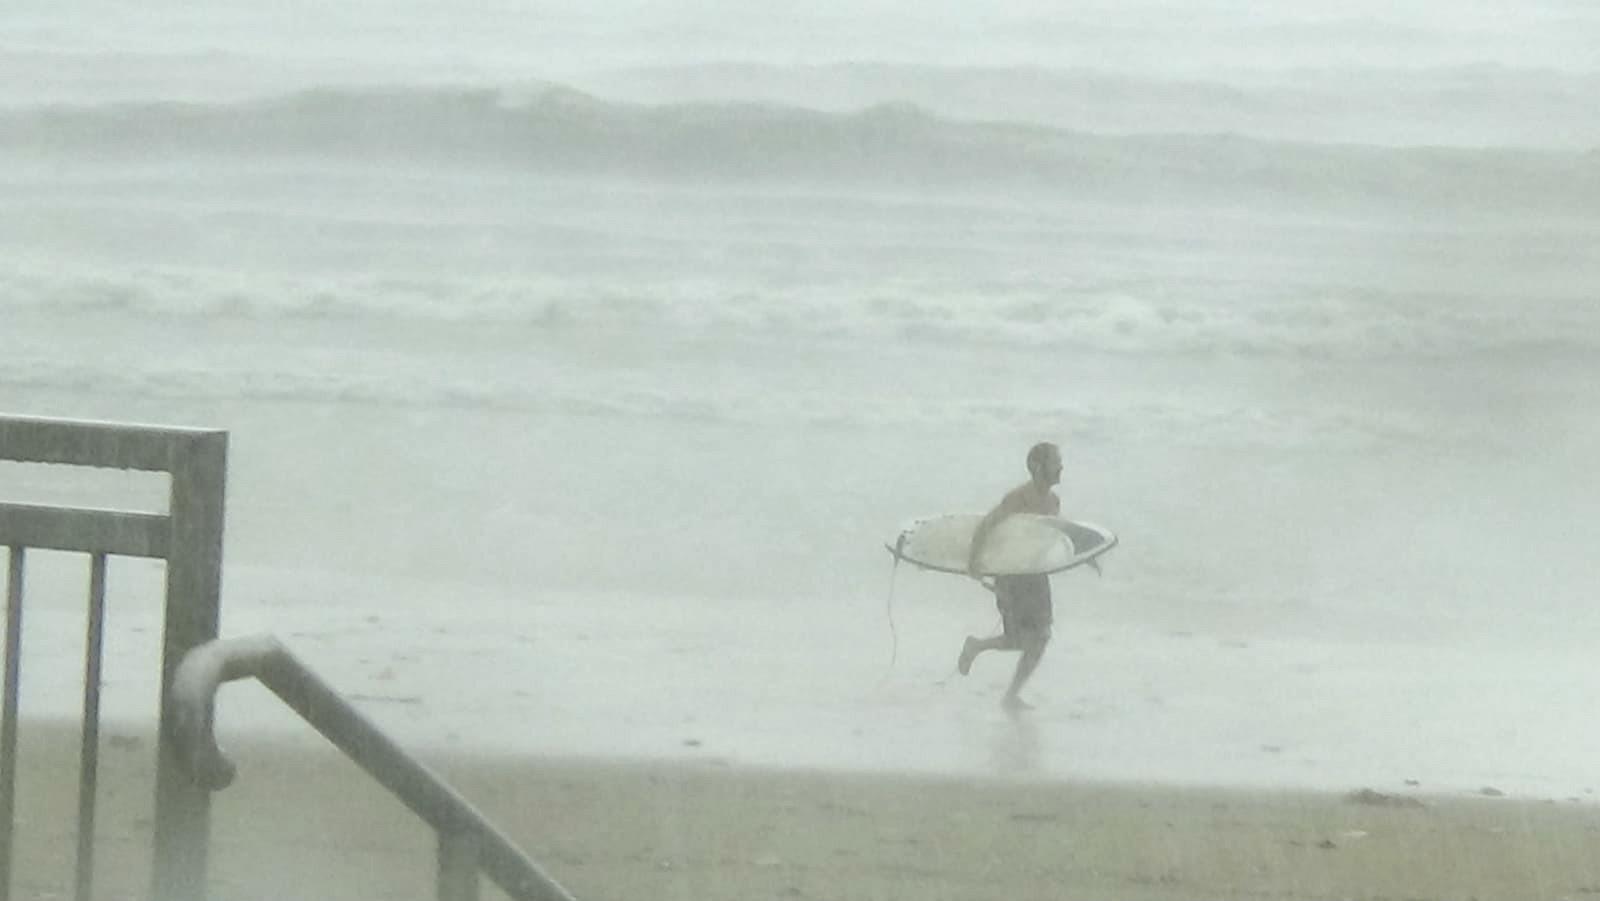 現場有人仍然落水滑浪。